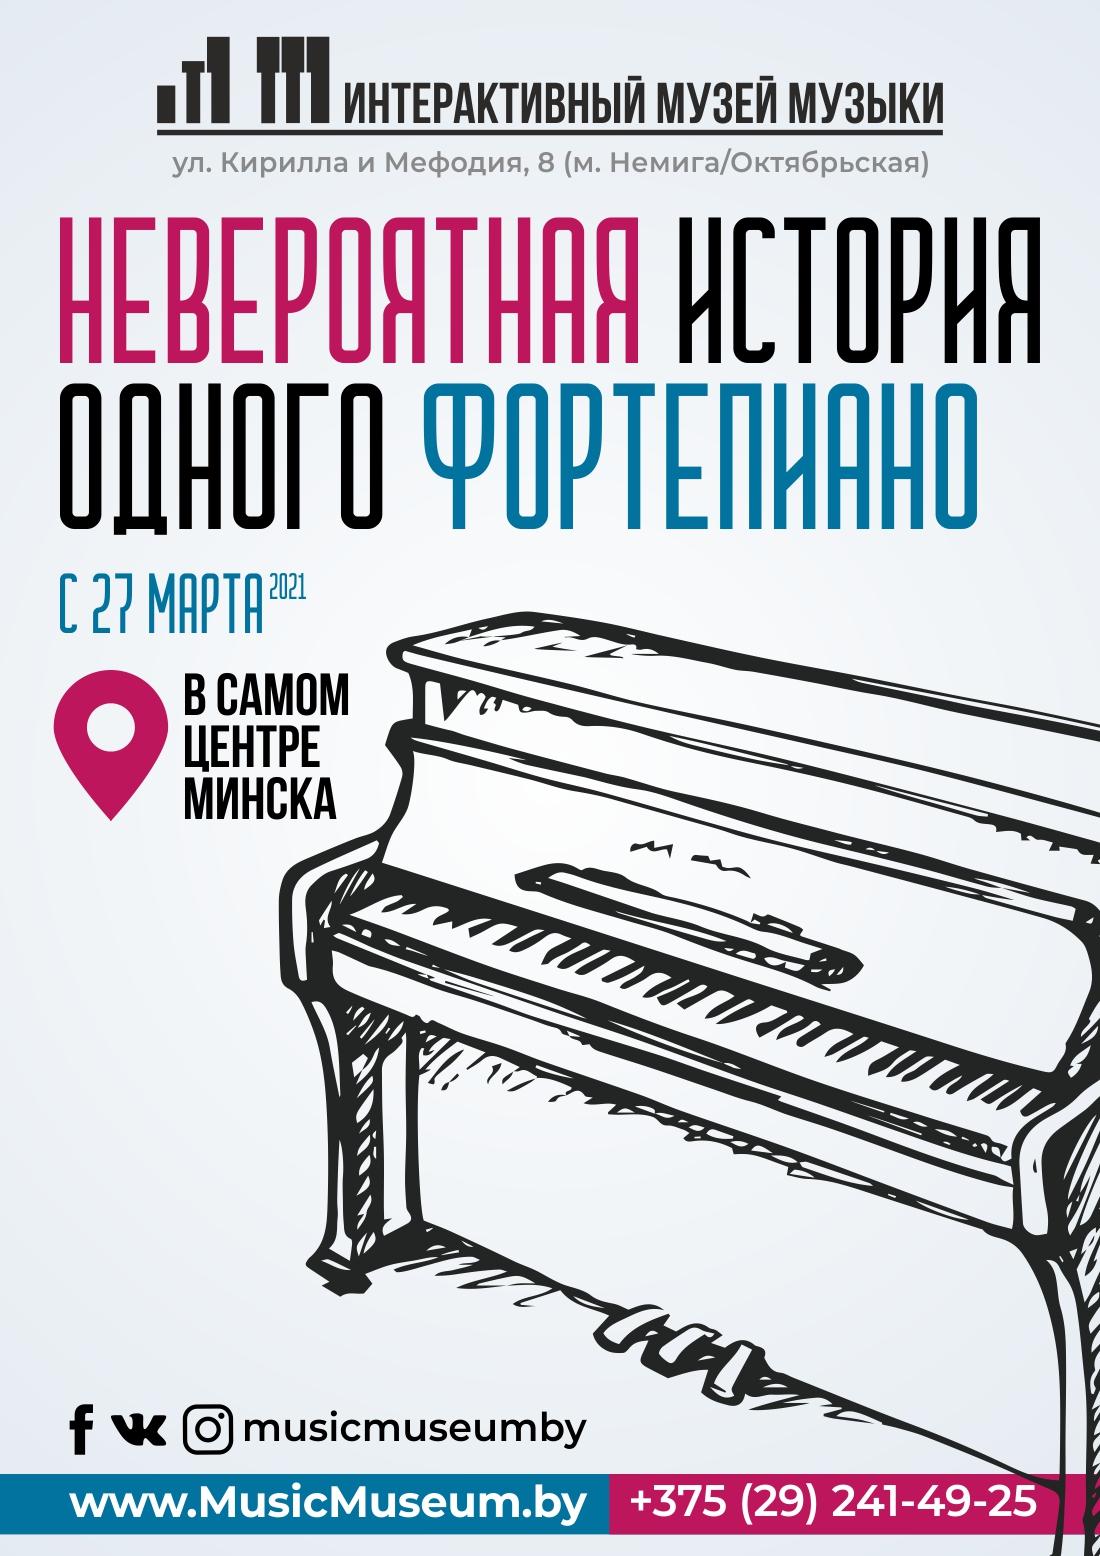 Невероятная история одного фортепиано